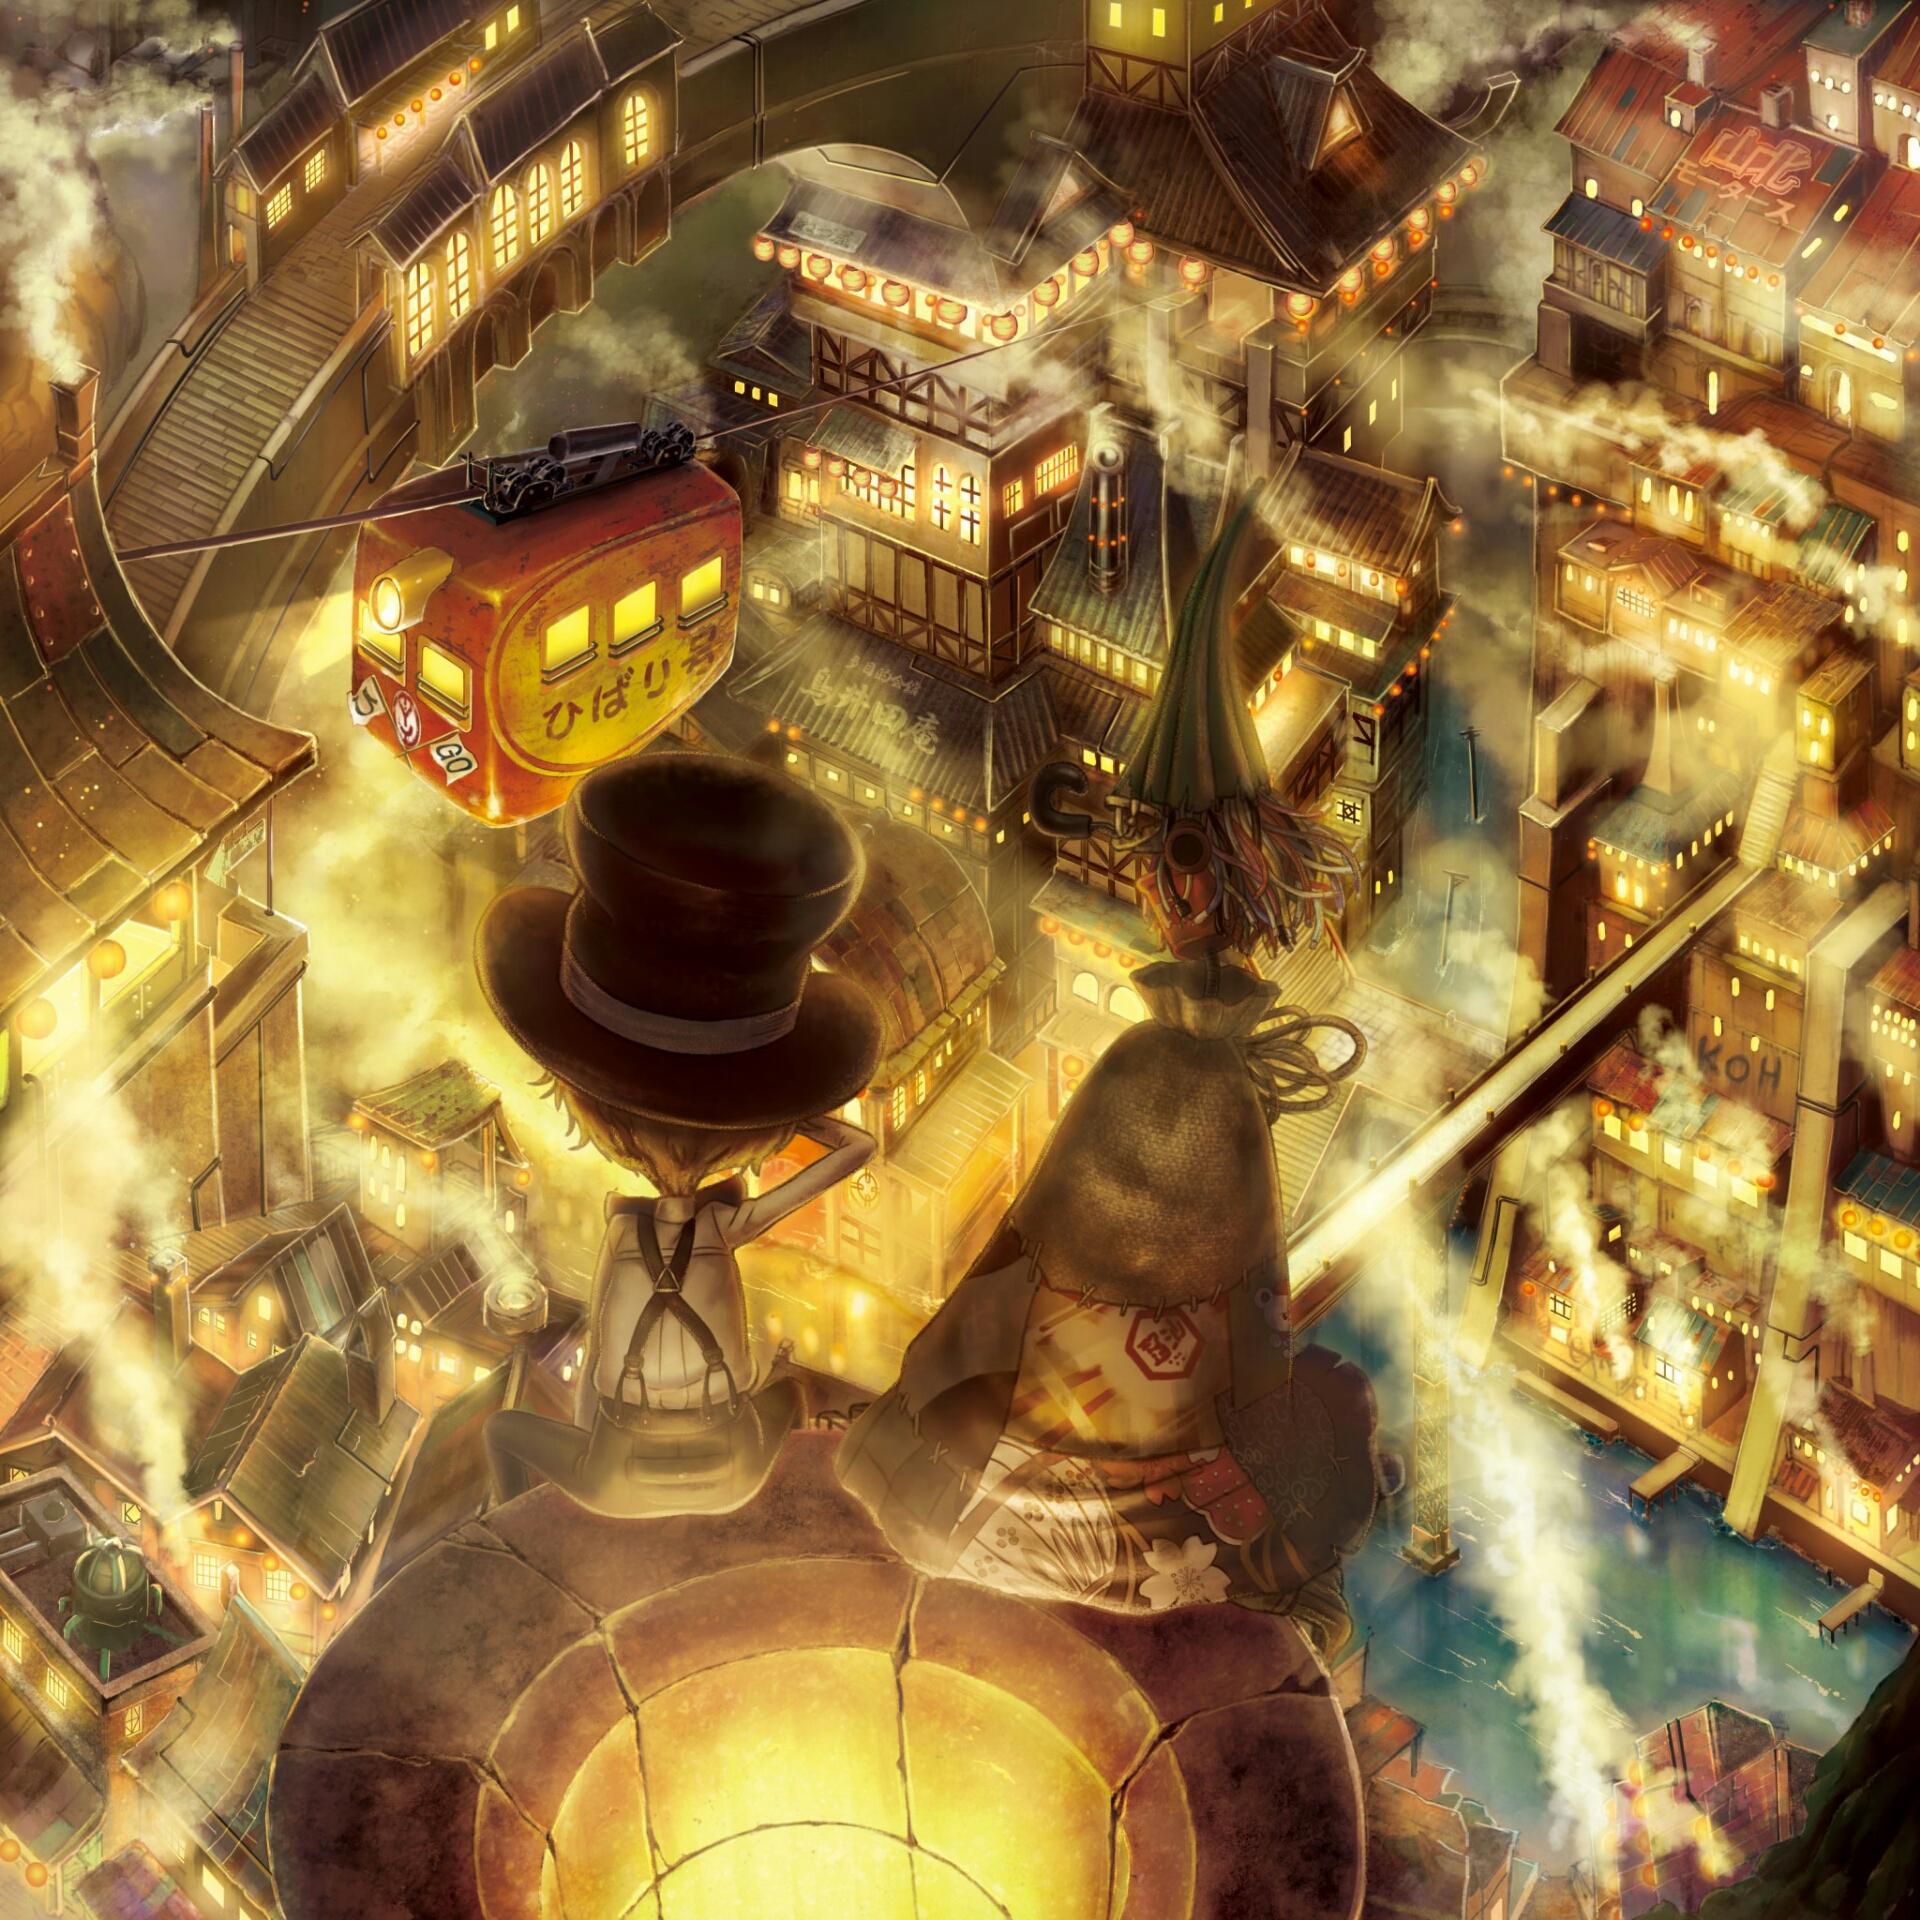 えんとつ町のプペルの画像 p1_17